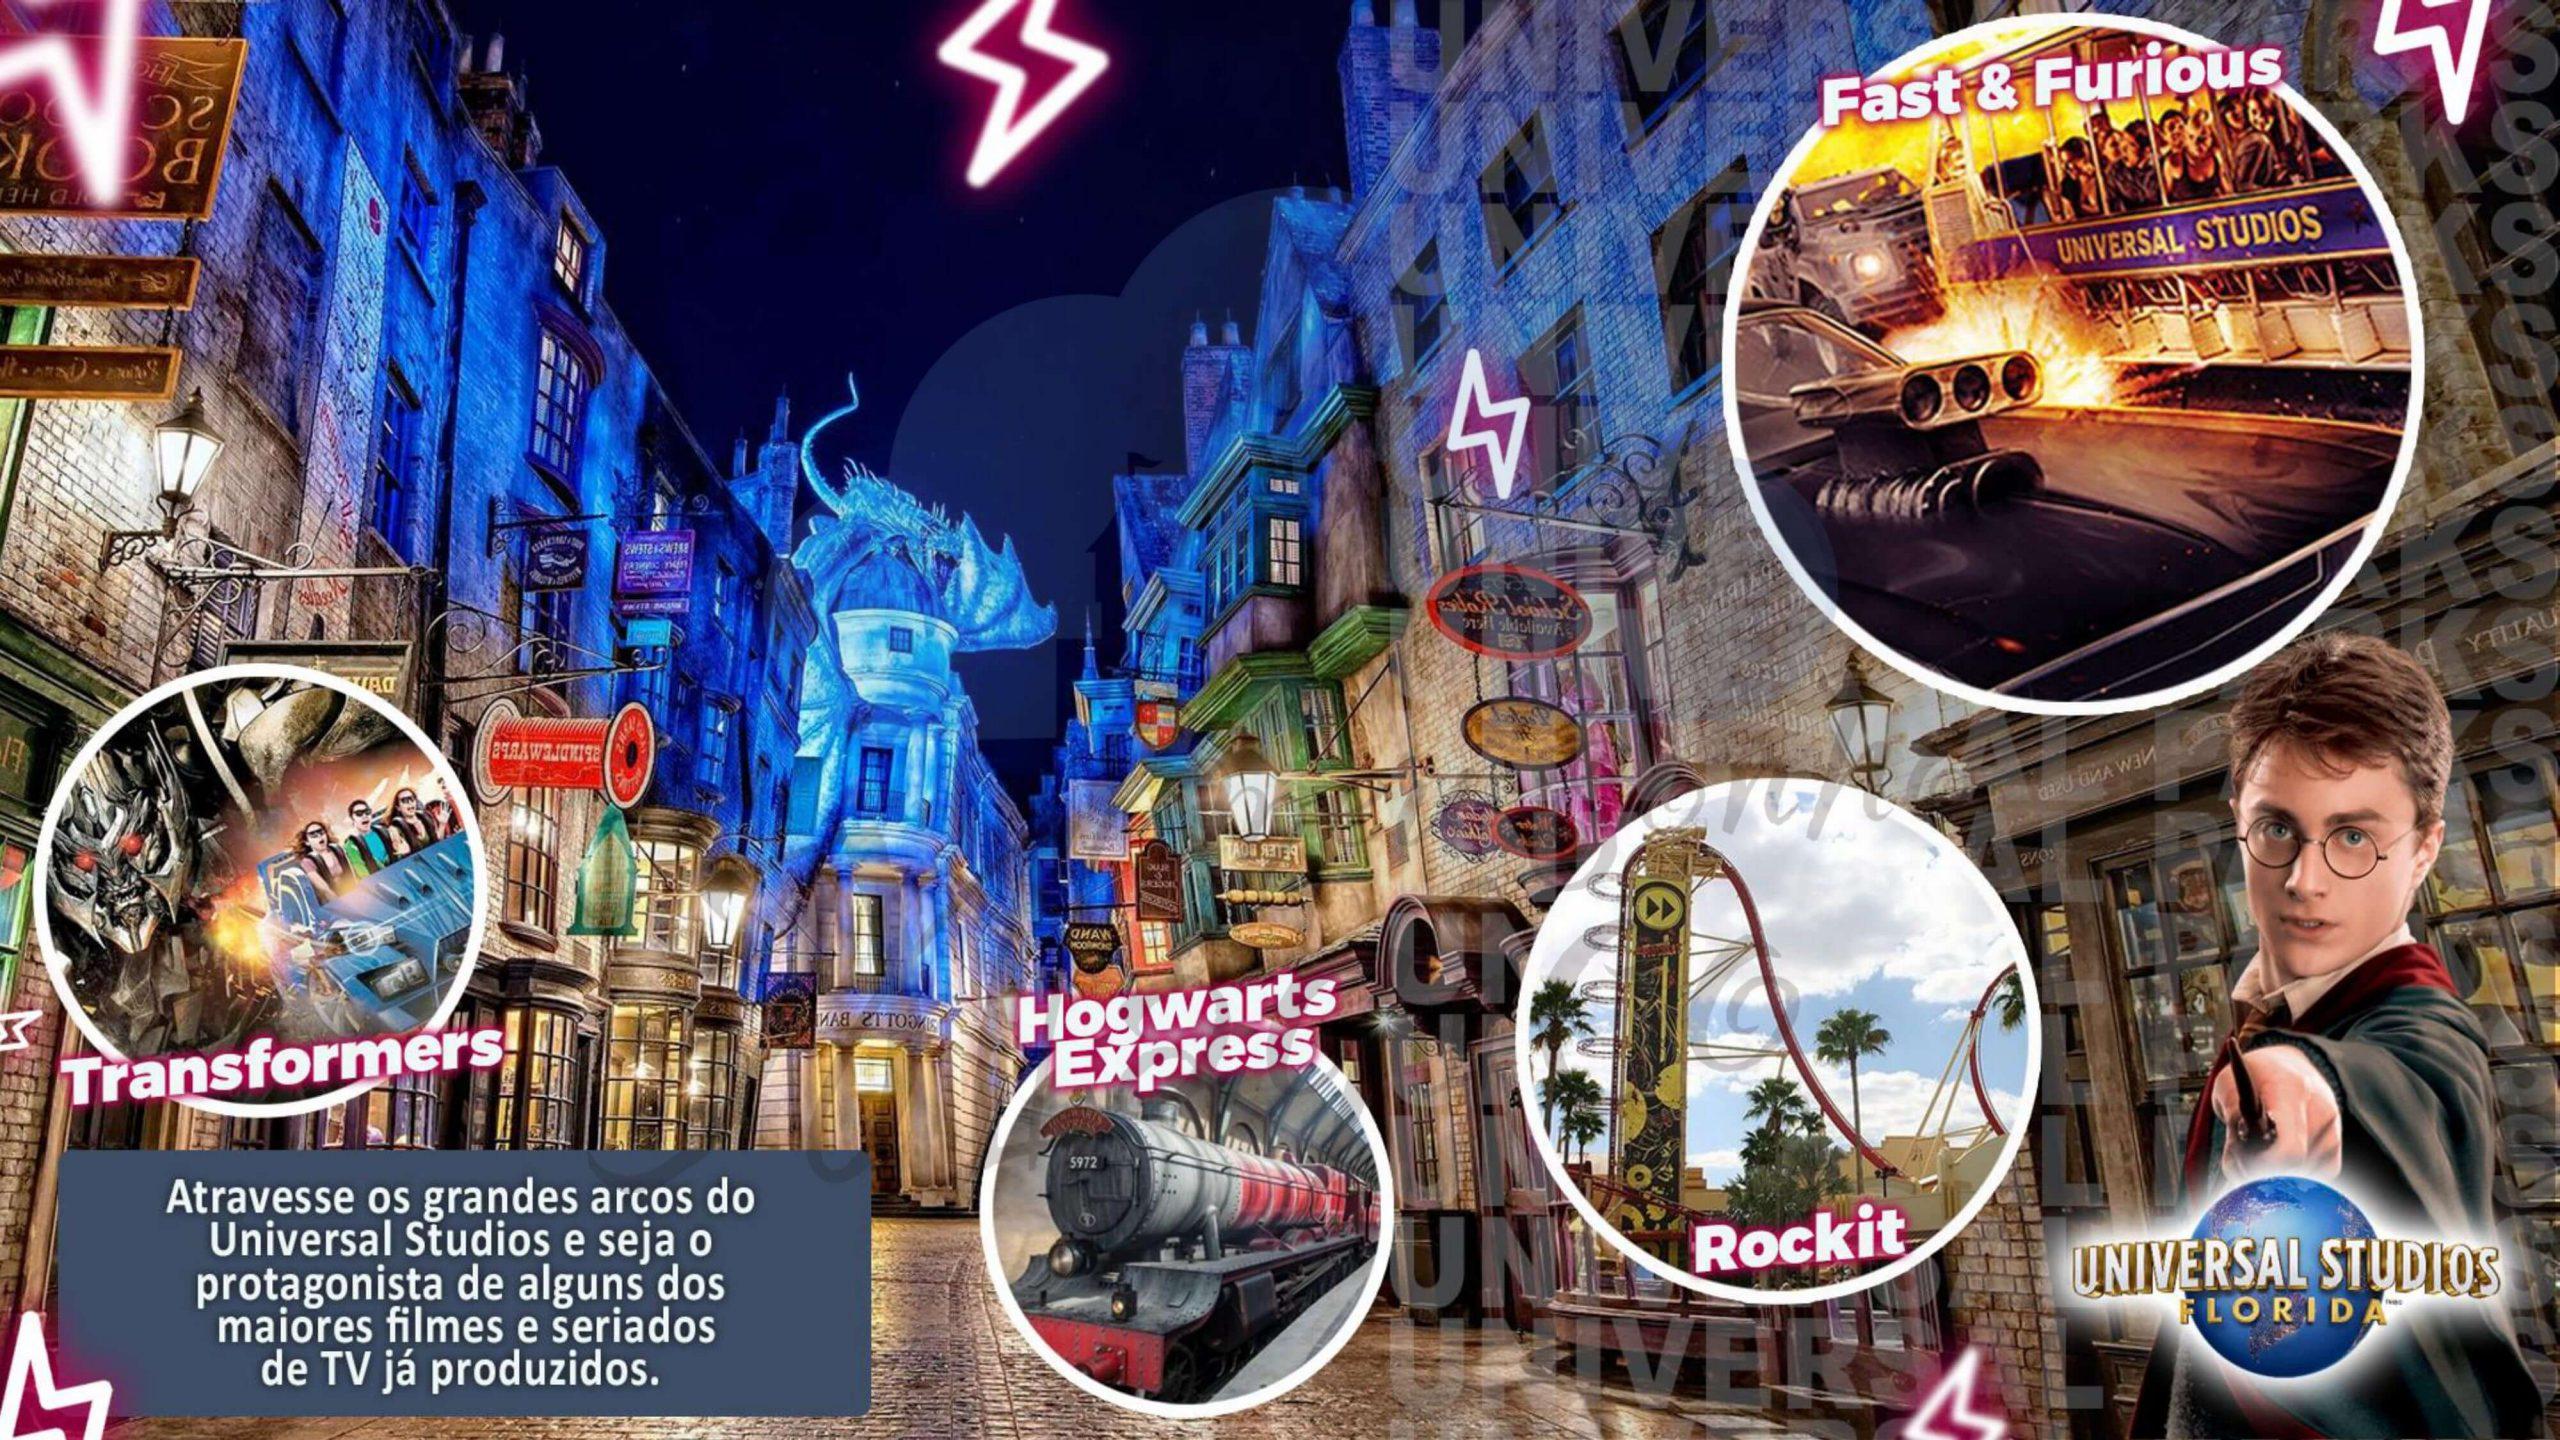 Grupo Sonho de Princesa - Disney Orlando Julho 2022 24